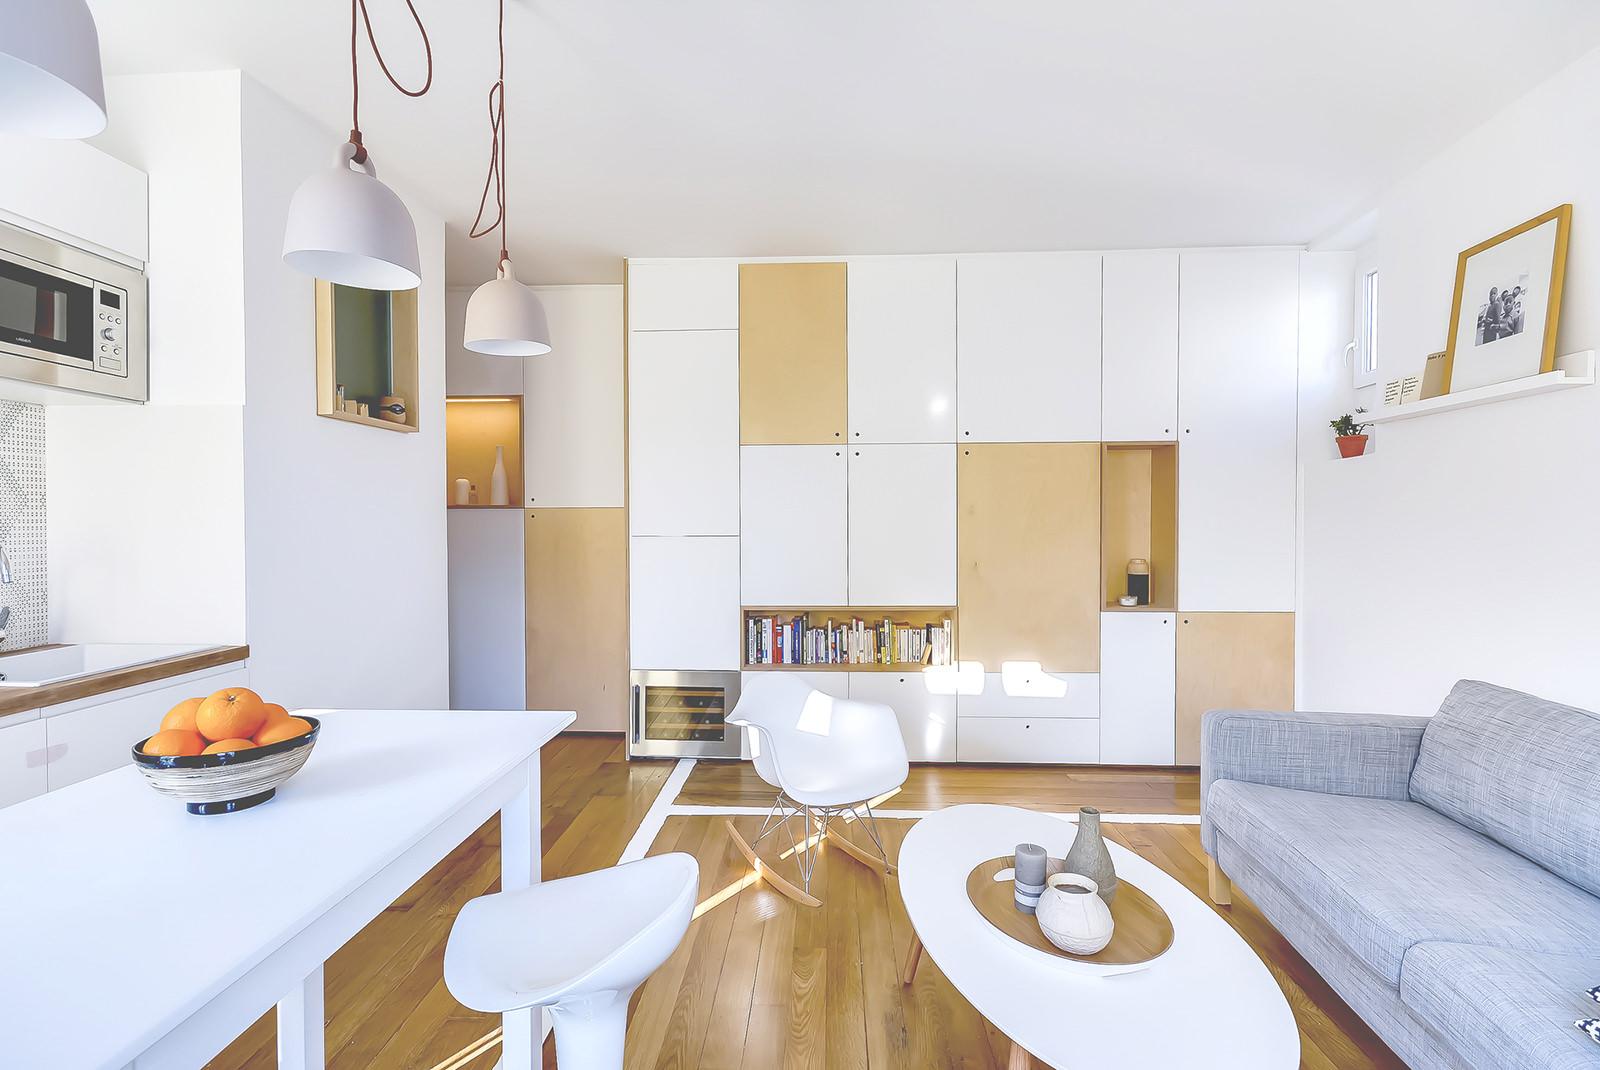 Однокомнатная квартира 40 кв м с модульной мебелью